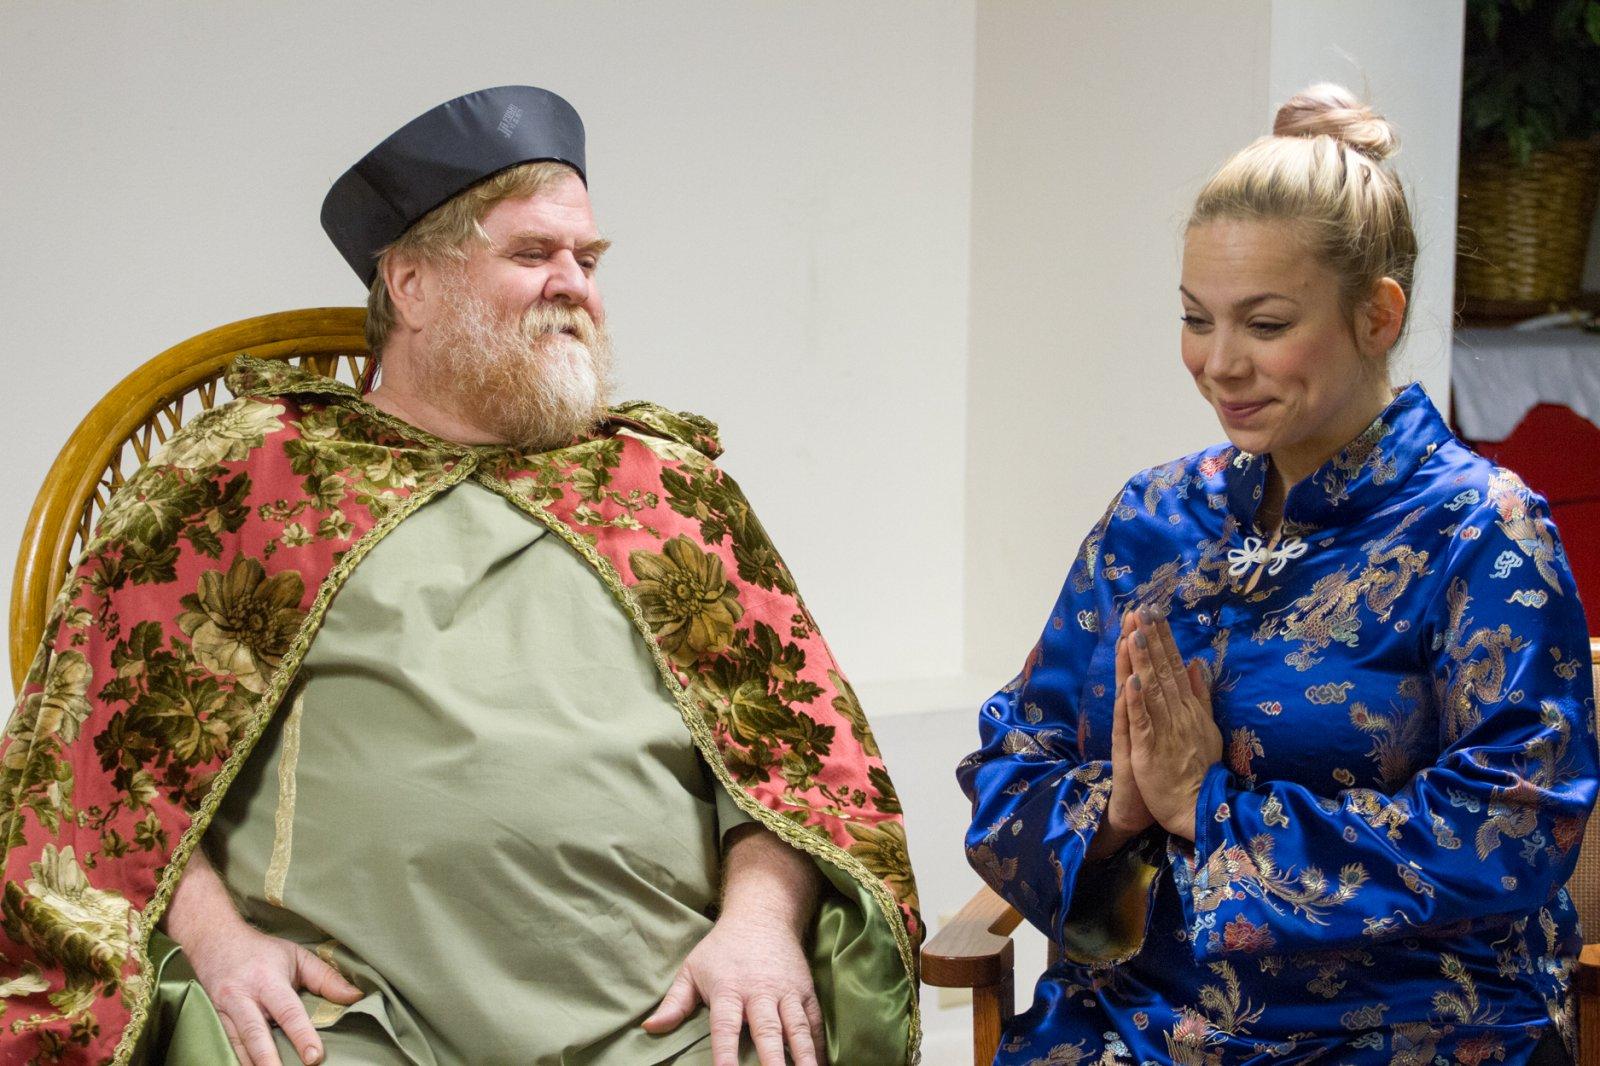 Emperor (Paul Pfannenstiel) and servant (Michelle White)